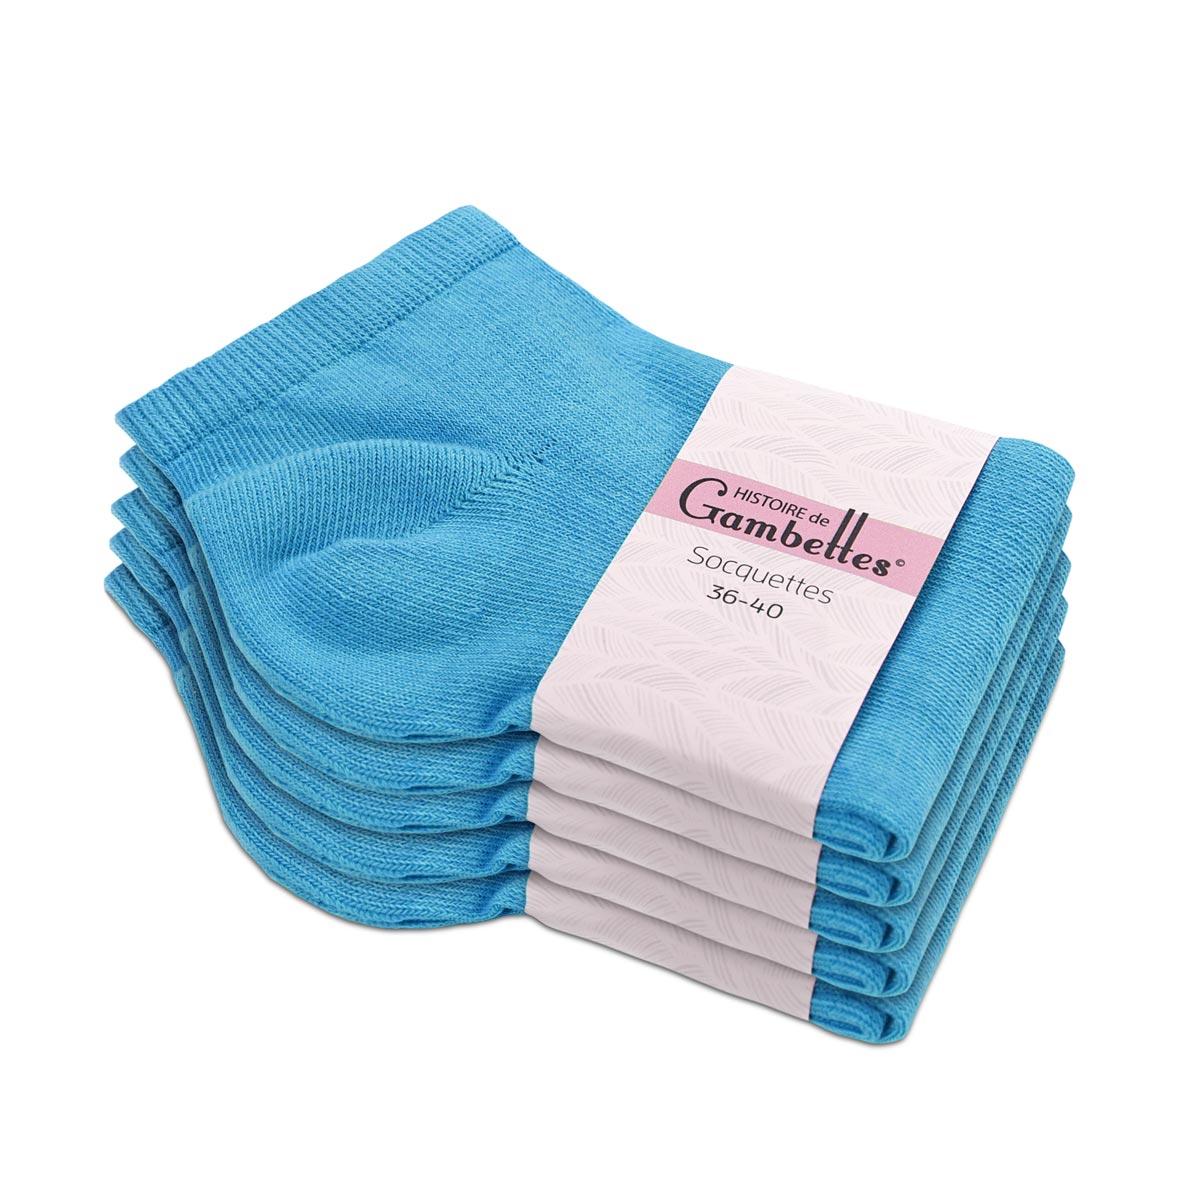 CH-00321_E12-1--_Soquettes-femme-bleu-5-paires